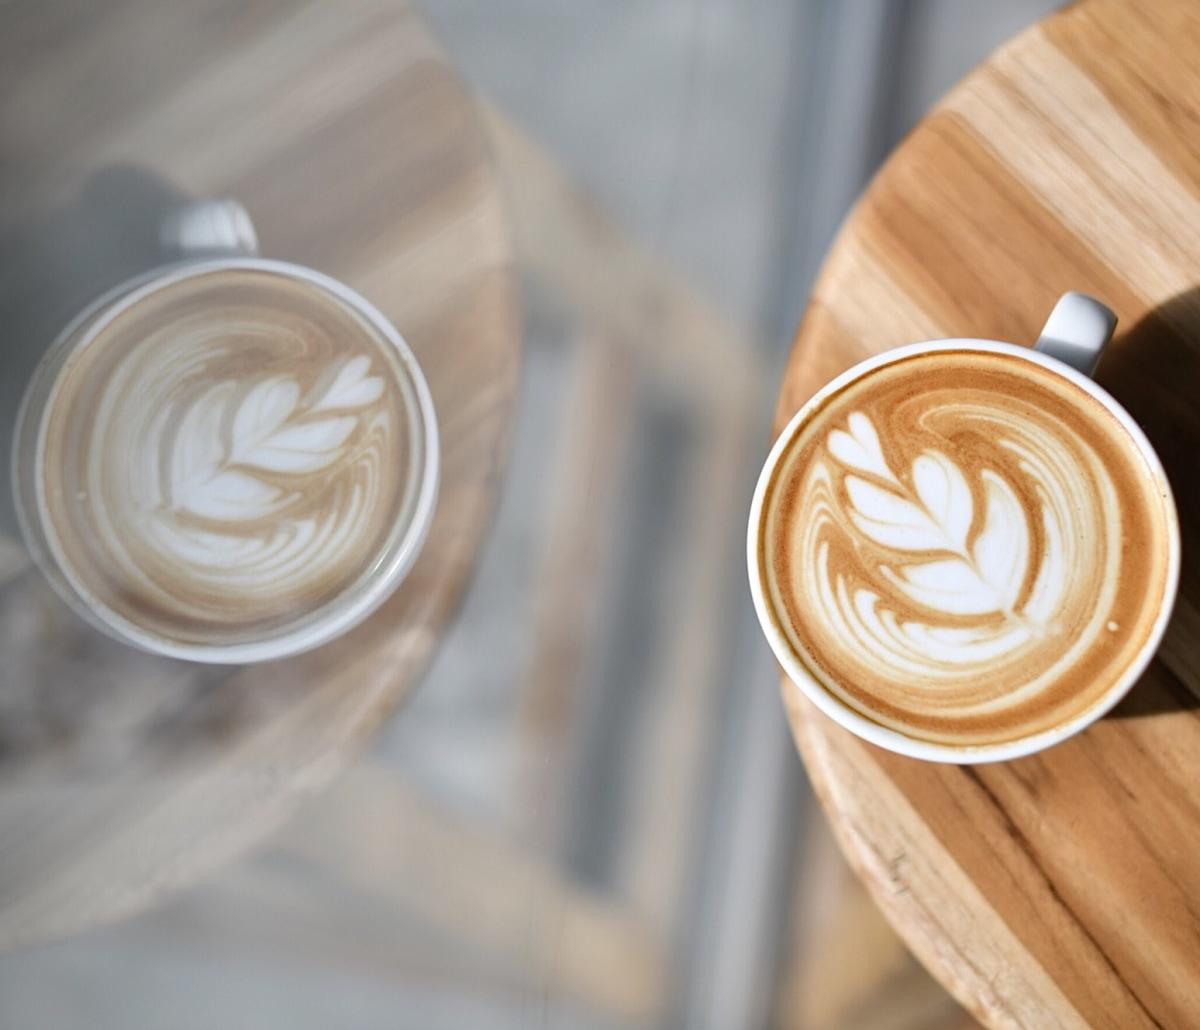 cappuccino was divine